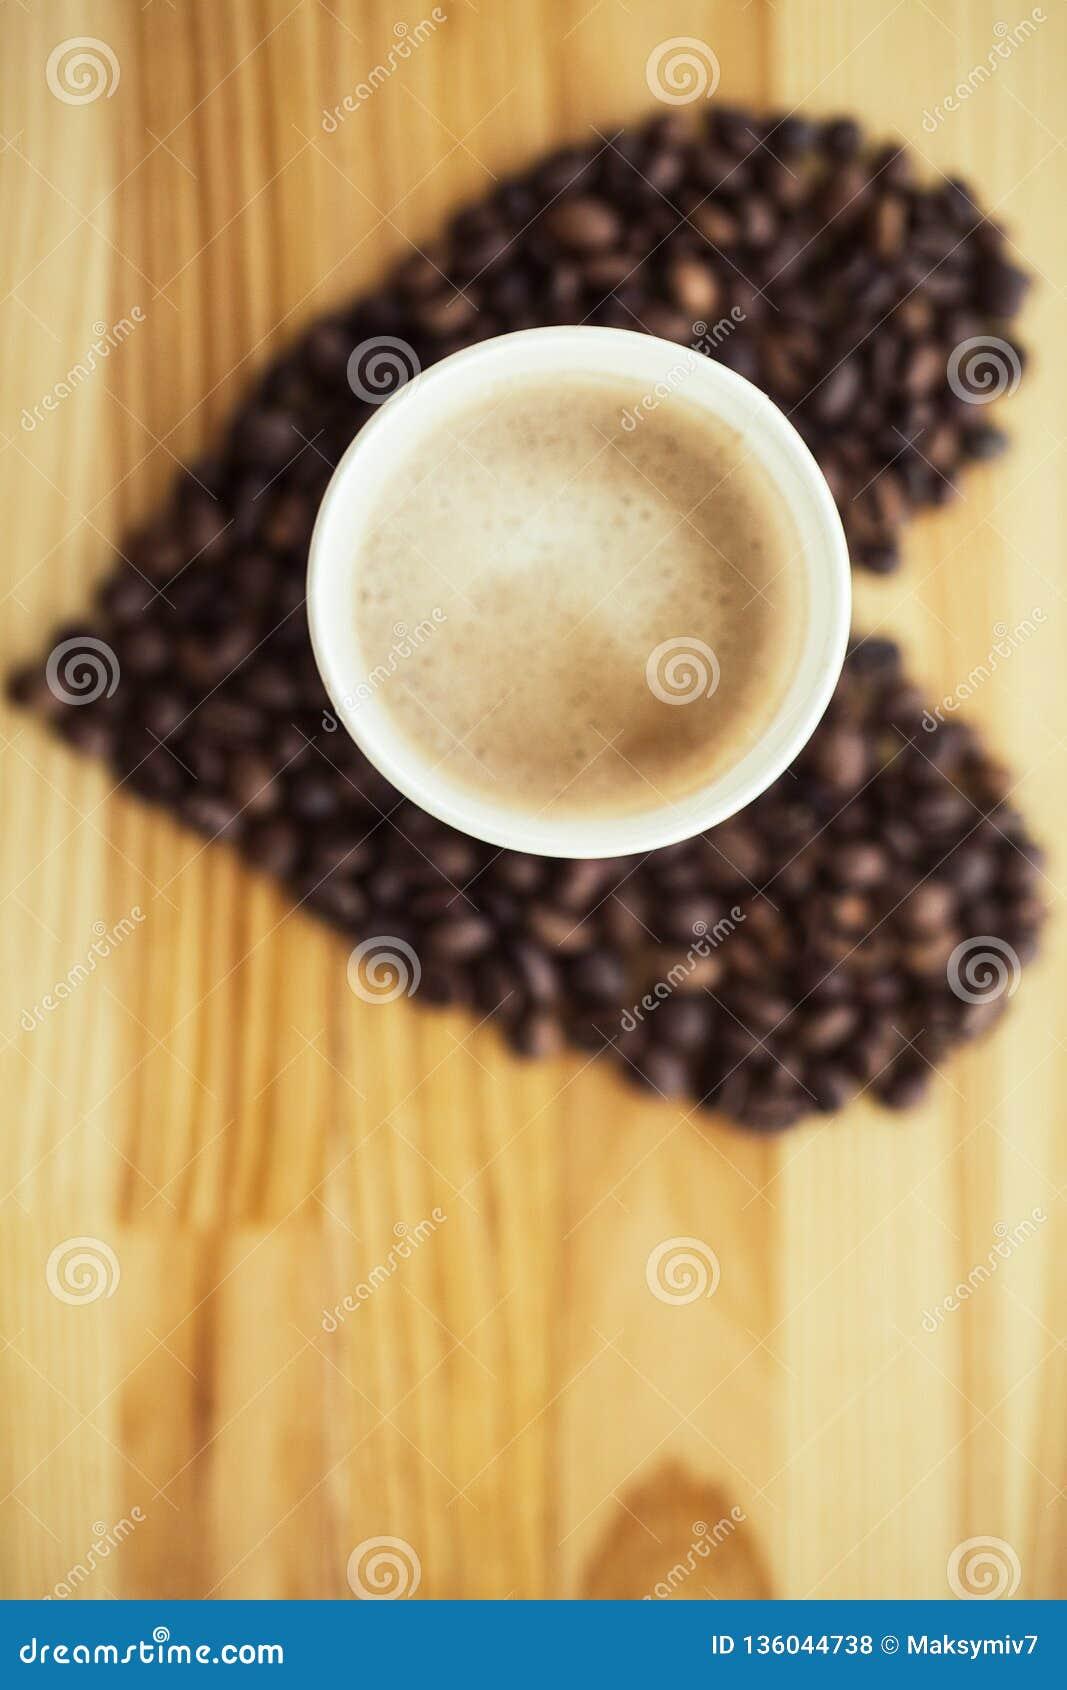 Guten Morgen Kaffee Und Mehr Kaffee Zum Mitnehmen Und Bohnen